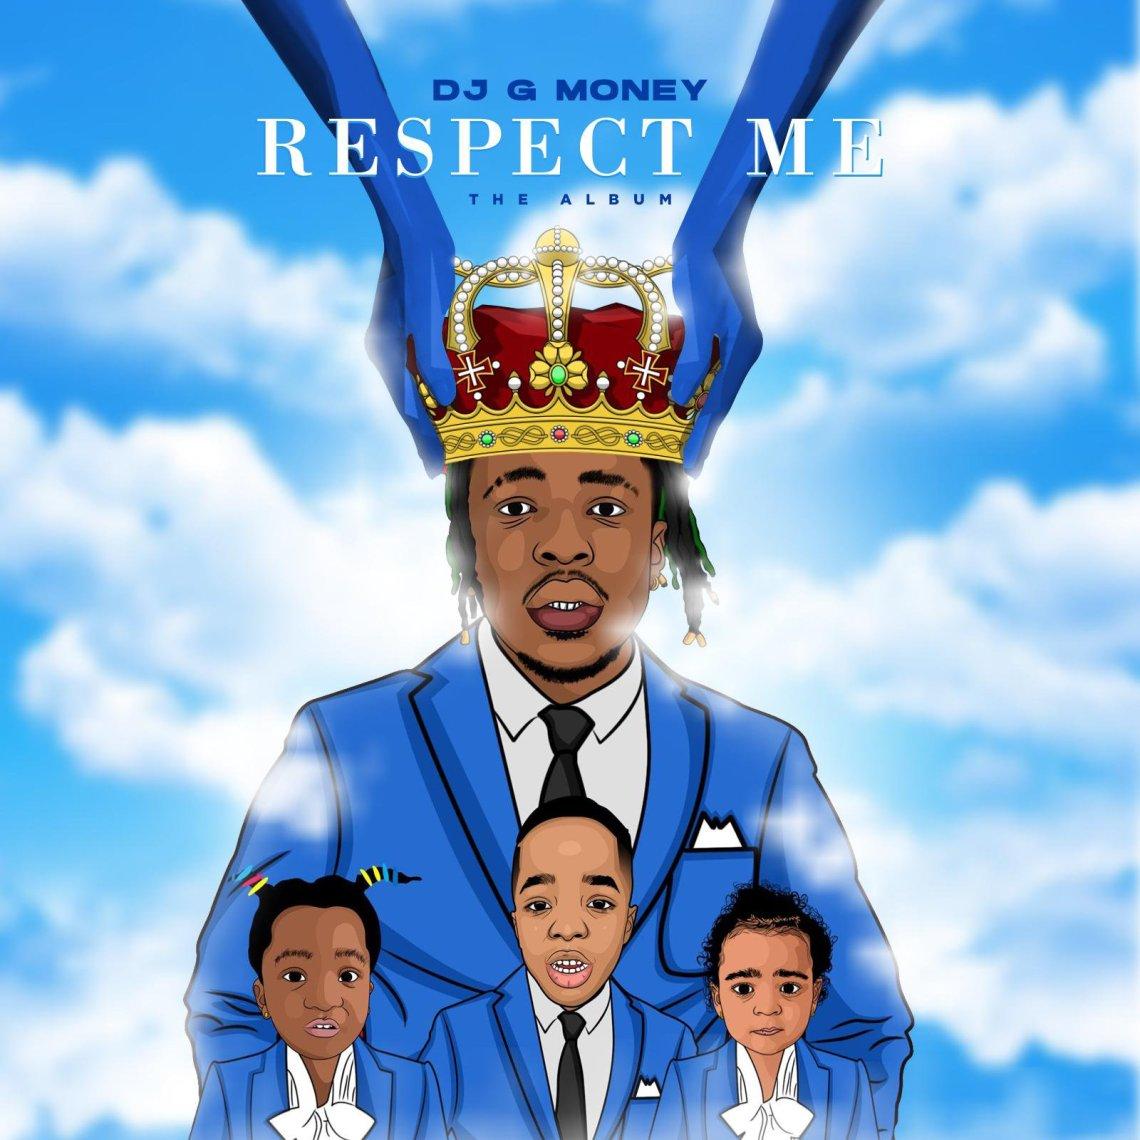 Full Album: DJ G Money – Respect Me